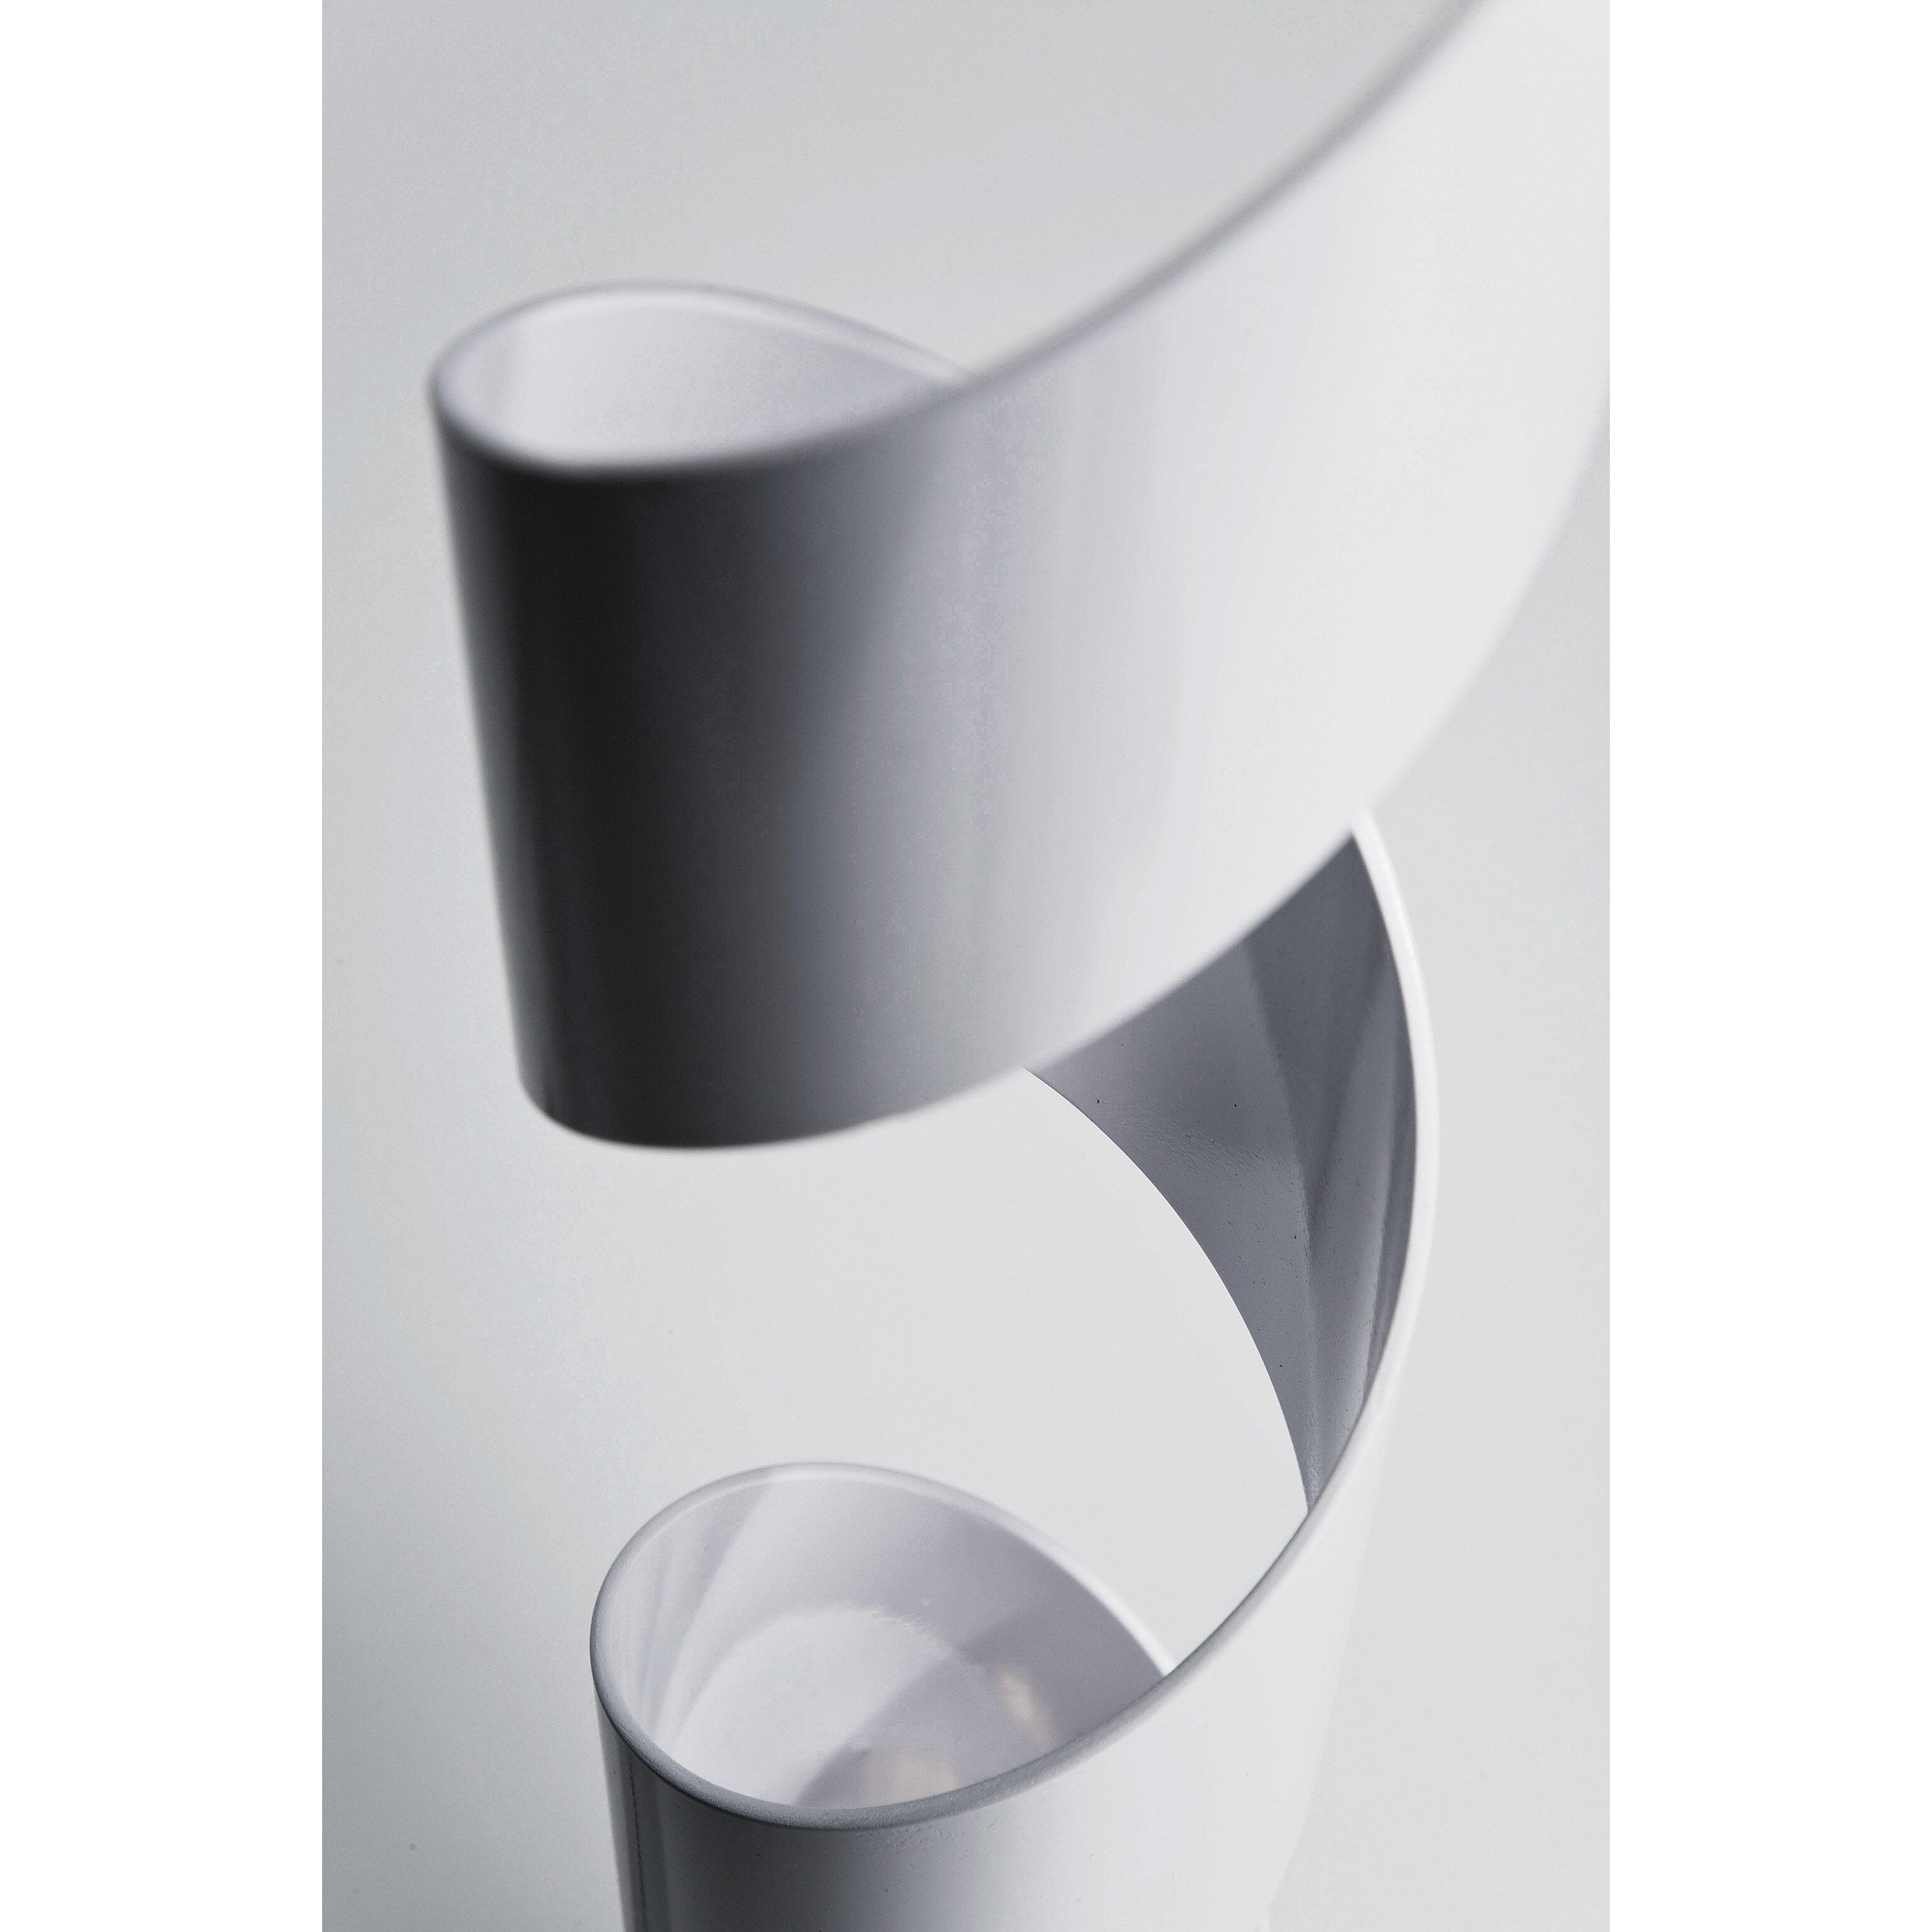 kare design 161 cm design stehlampe helix bewertungen. Black Bedroom Furniture Sets. Home Design Ideas